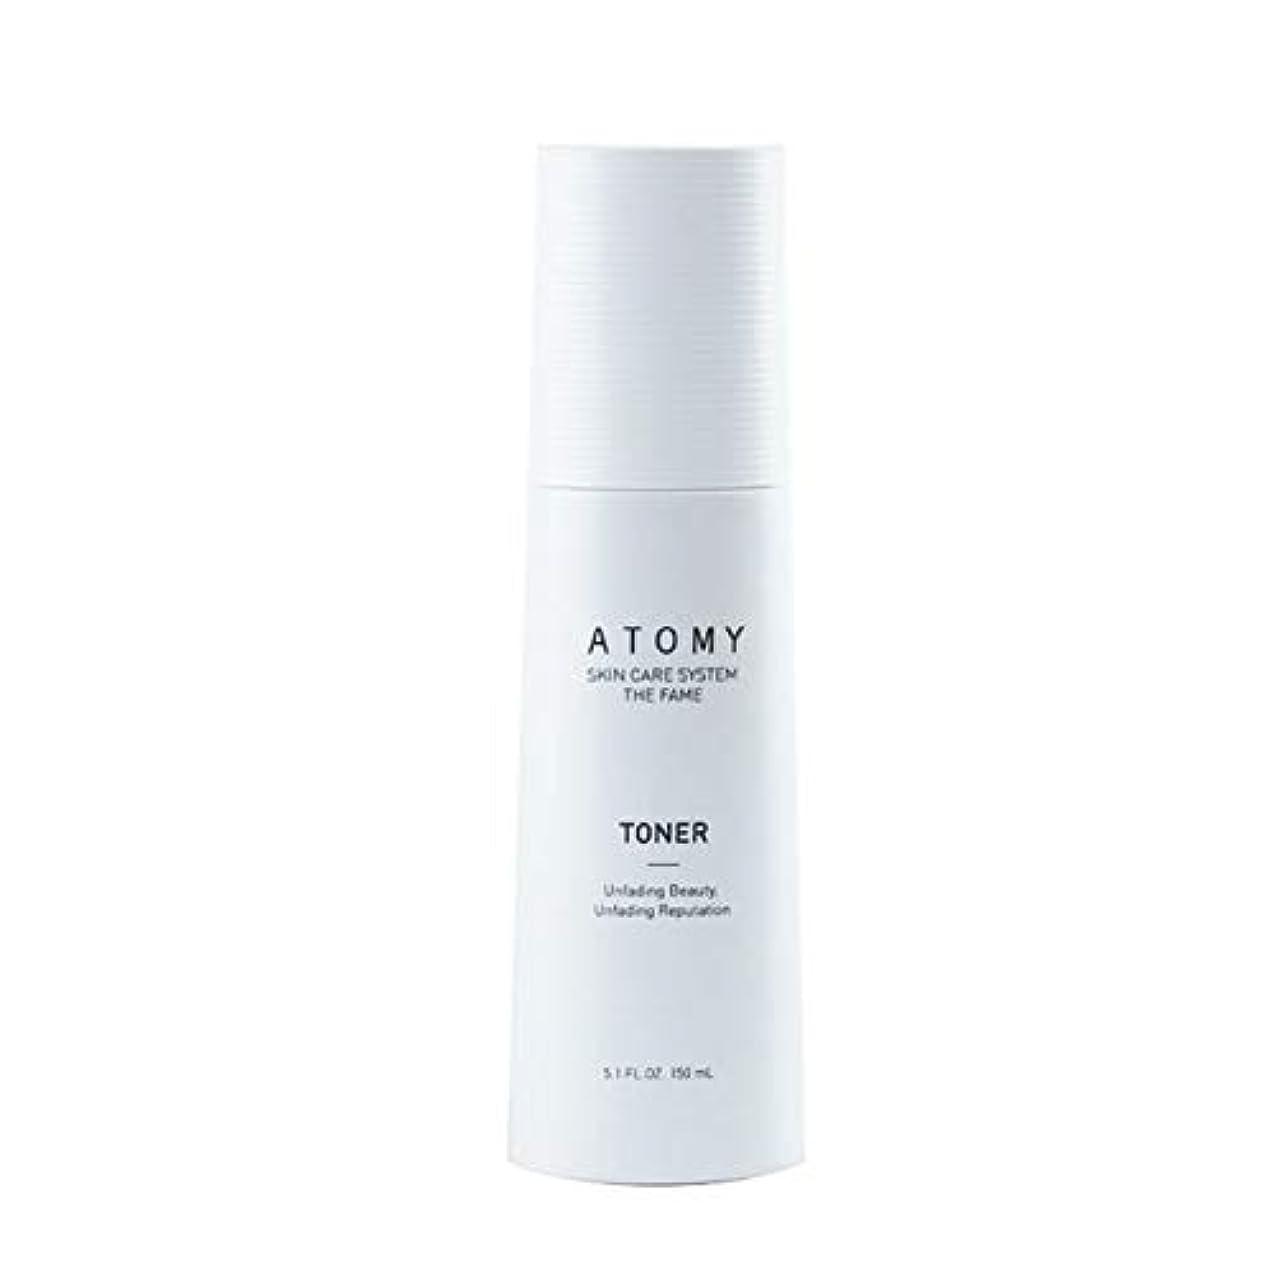 裸スペア例アトミザ?フェームトナー150ml韓国コスメ、Atomy The Fame Toner 150ml Korean Cosmetics [並行輸入品]